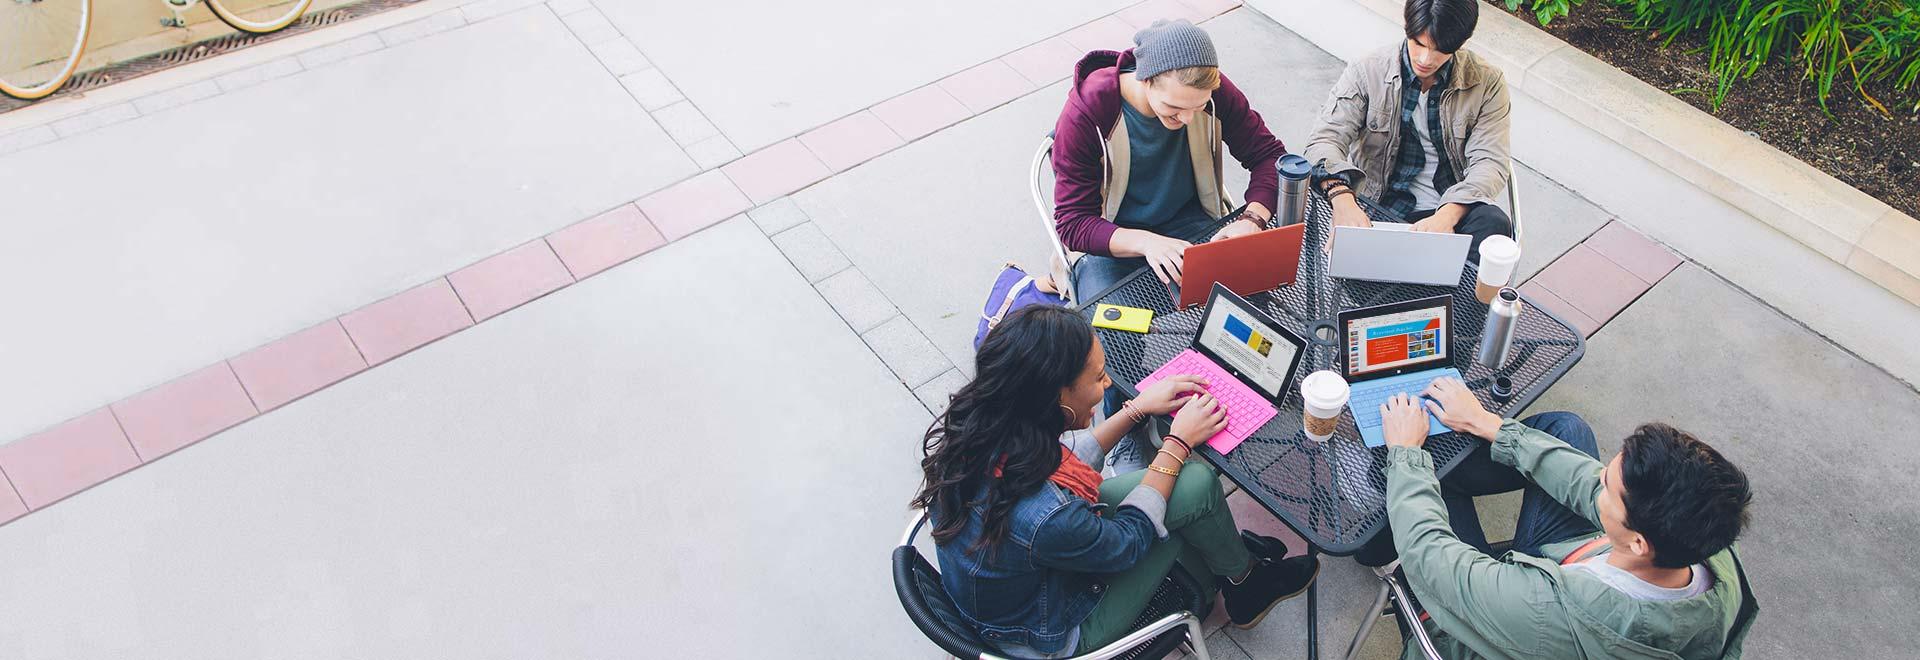 Četiri učenika sede za stolom napolju i koriste Office 365 za obrazovanje na tablet računarima.